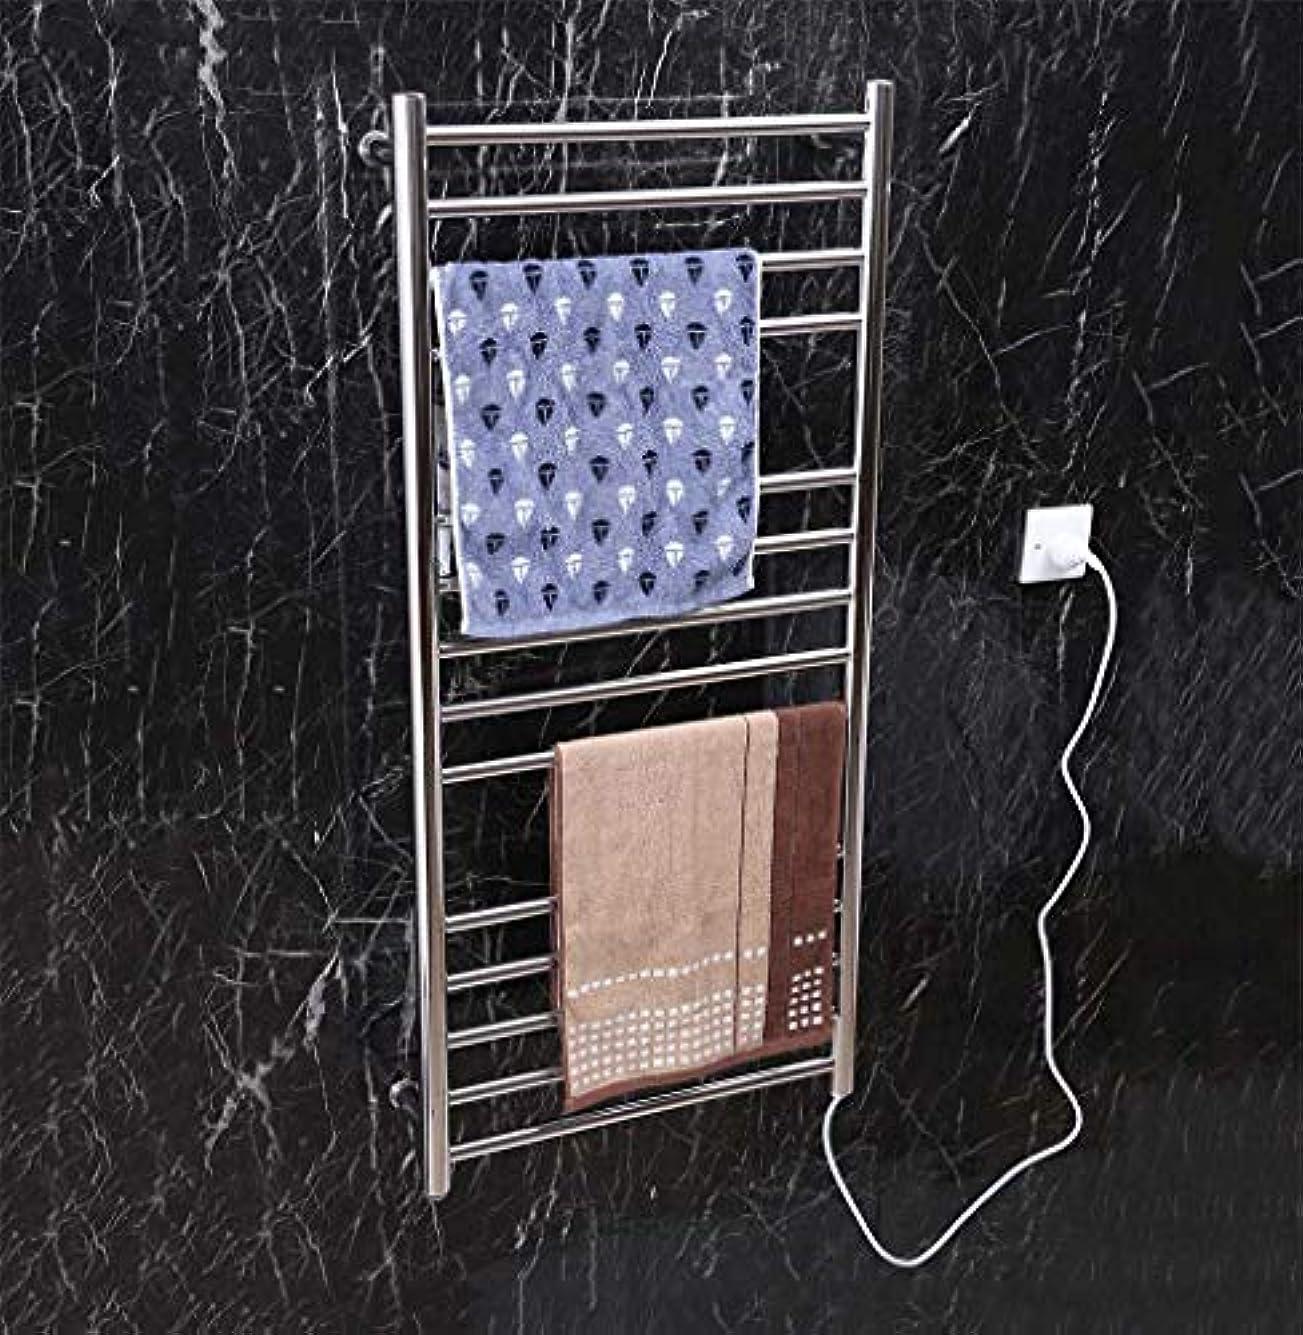 ファーザーファージュ拮抗するアクセルスマート電気タオルウォーマー、304ステンレススチール壁掛け電気タオルラジエーター、家庭用ホテルのバスルームシェルフ、1100X520X120mm